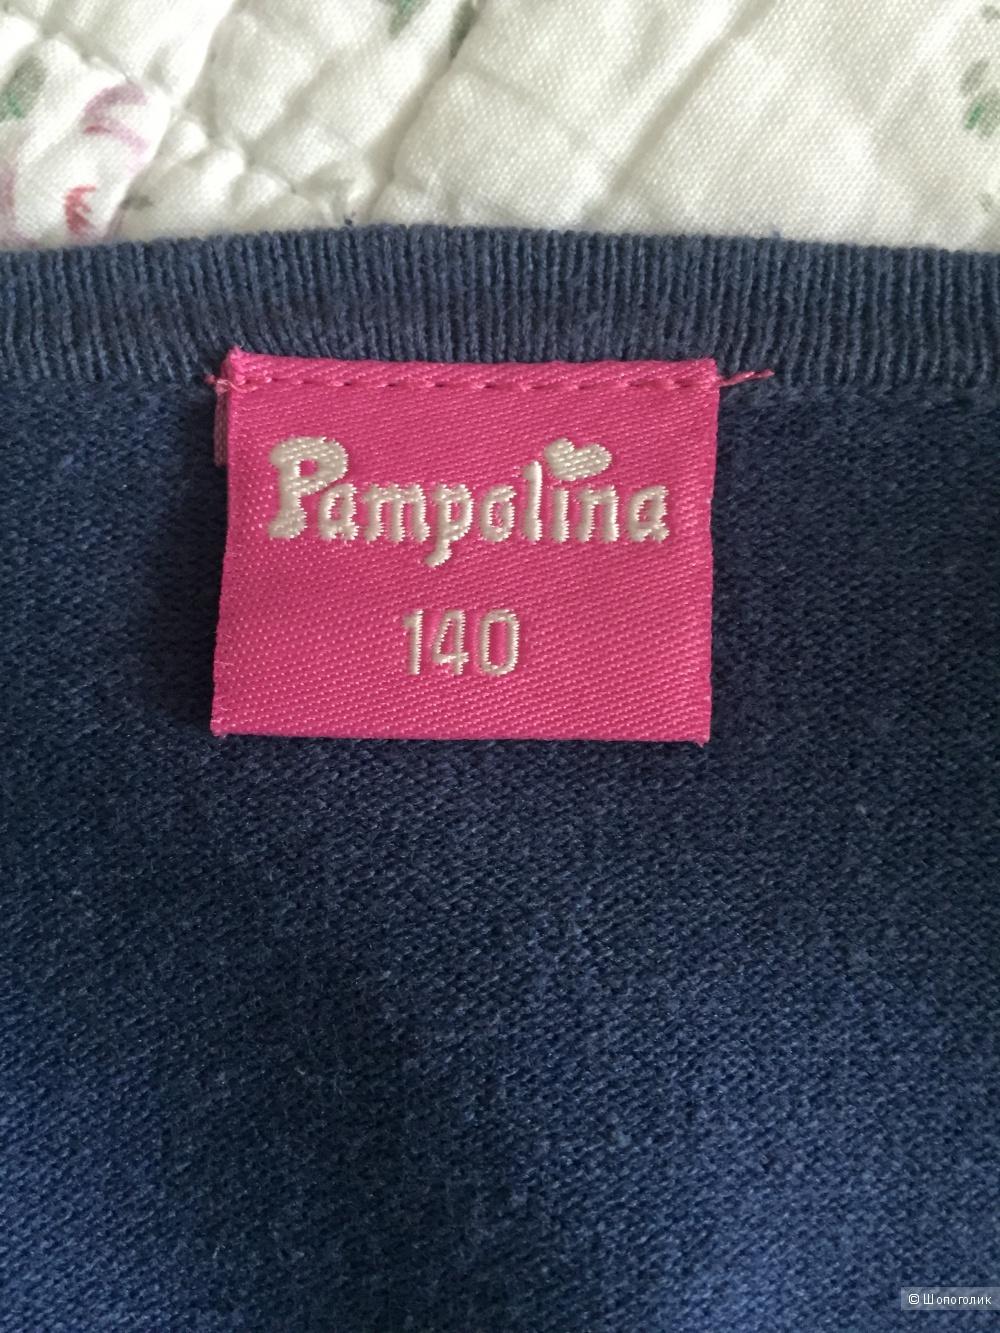 Болеро ф.Pampolina 140 разм (хлопок)